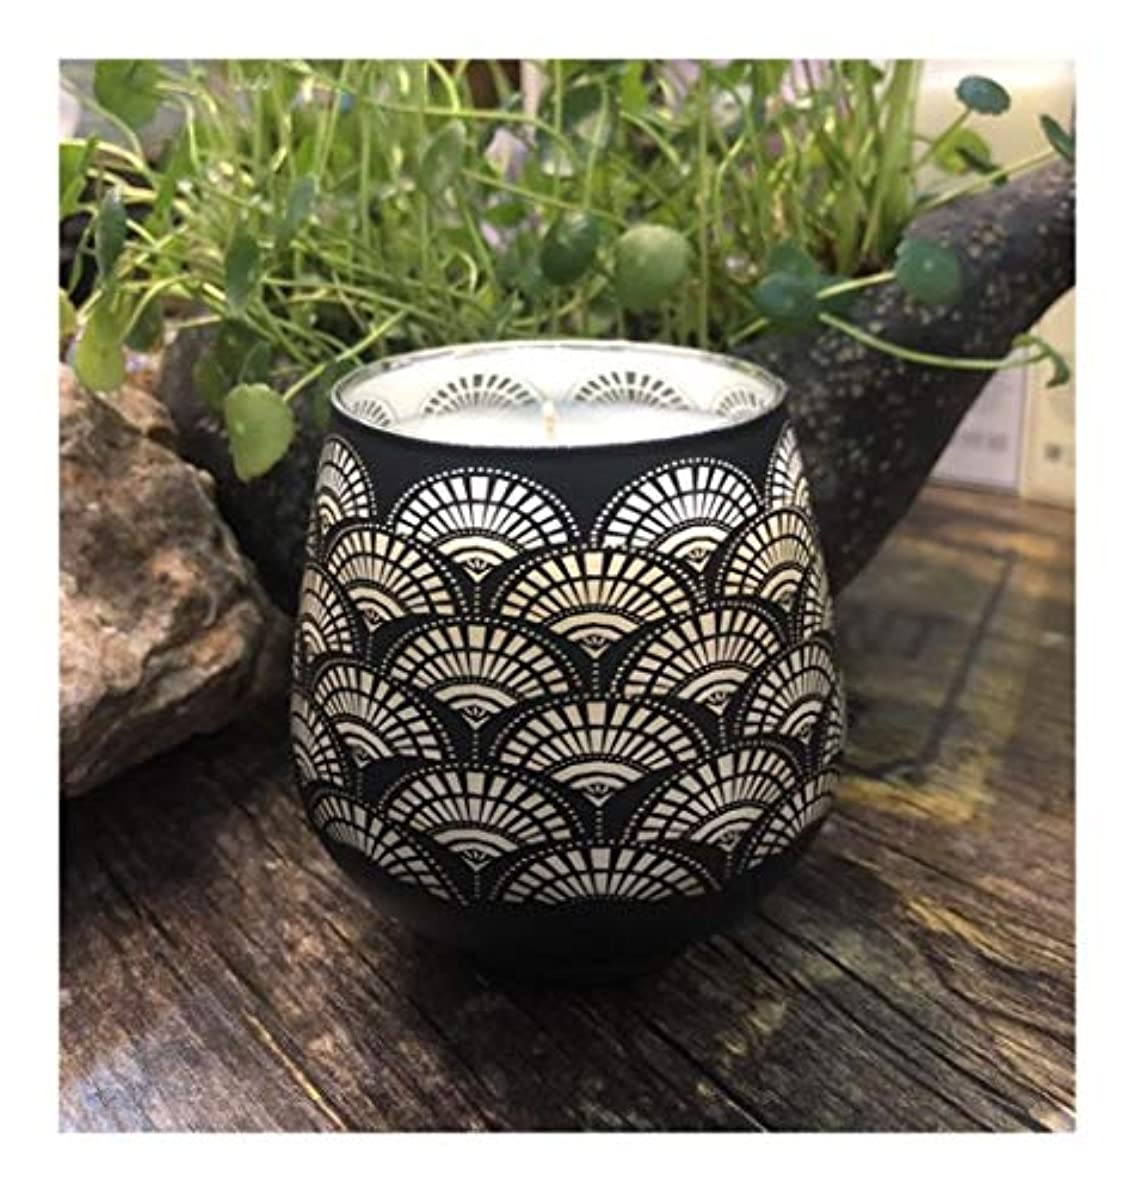 Guomao エッセンシャルオイルパターンガラス香料入りの蝋燭の家の装飾の大豆の屋内香料入りの蝋燭